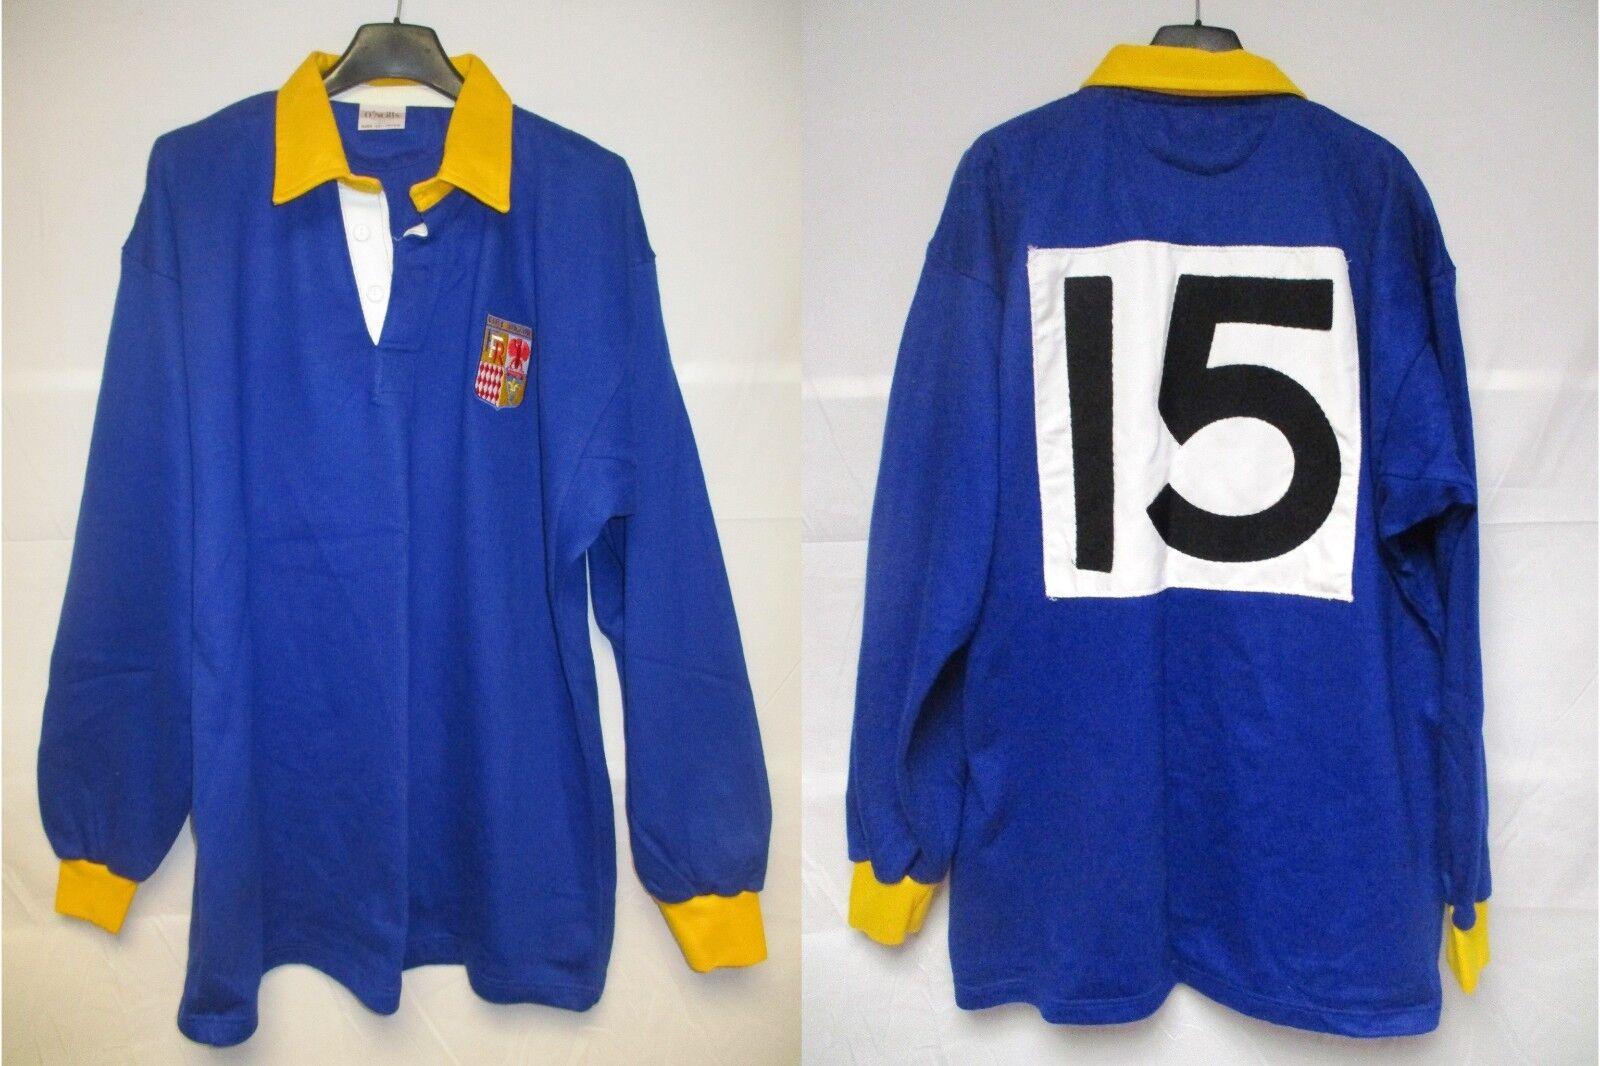 Maillot rugby Sélection CÔTE D'AZUR porté n°15 vintage O'NEILLS shirt 80's L